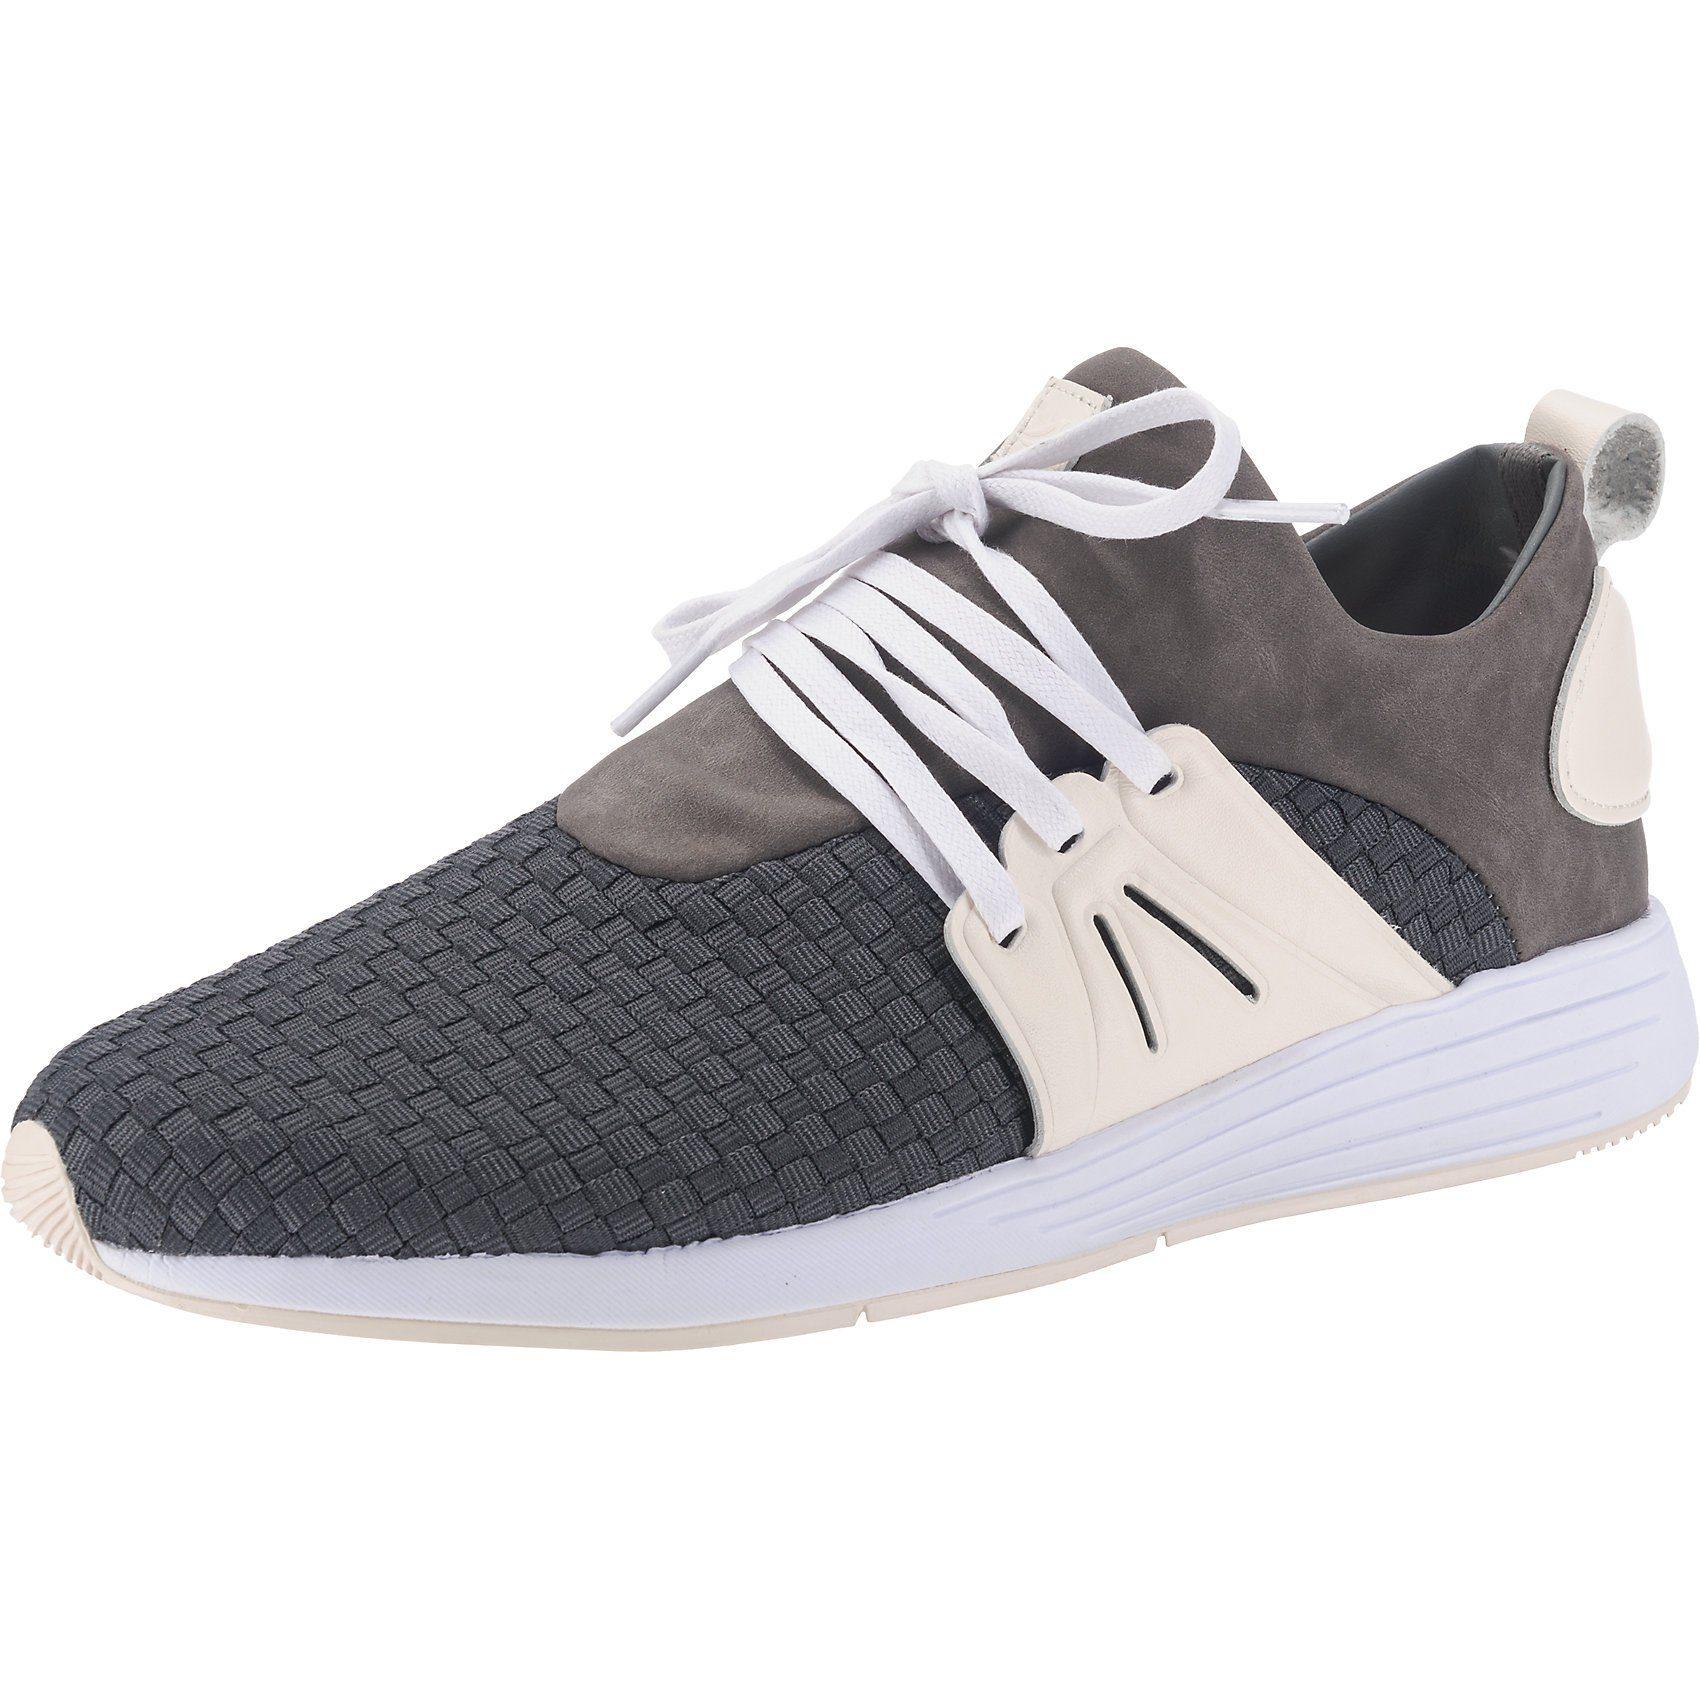 Project Delray Wavey Sneakers Low online kaufen  dunkelgrau